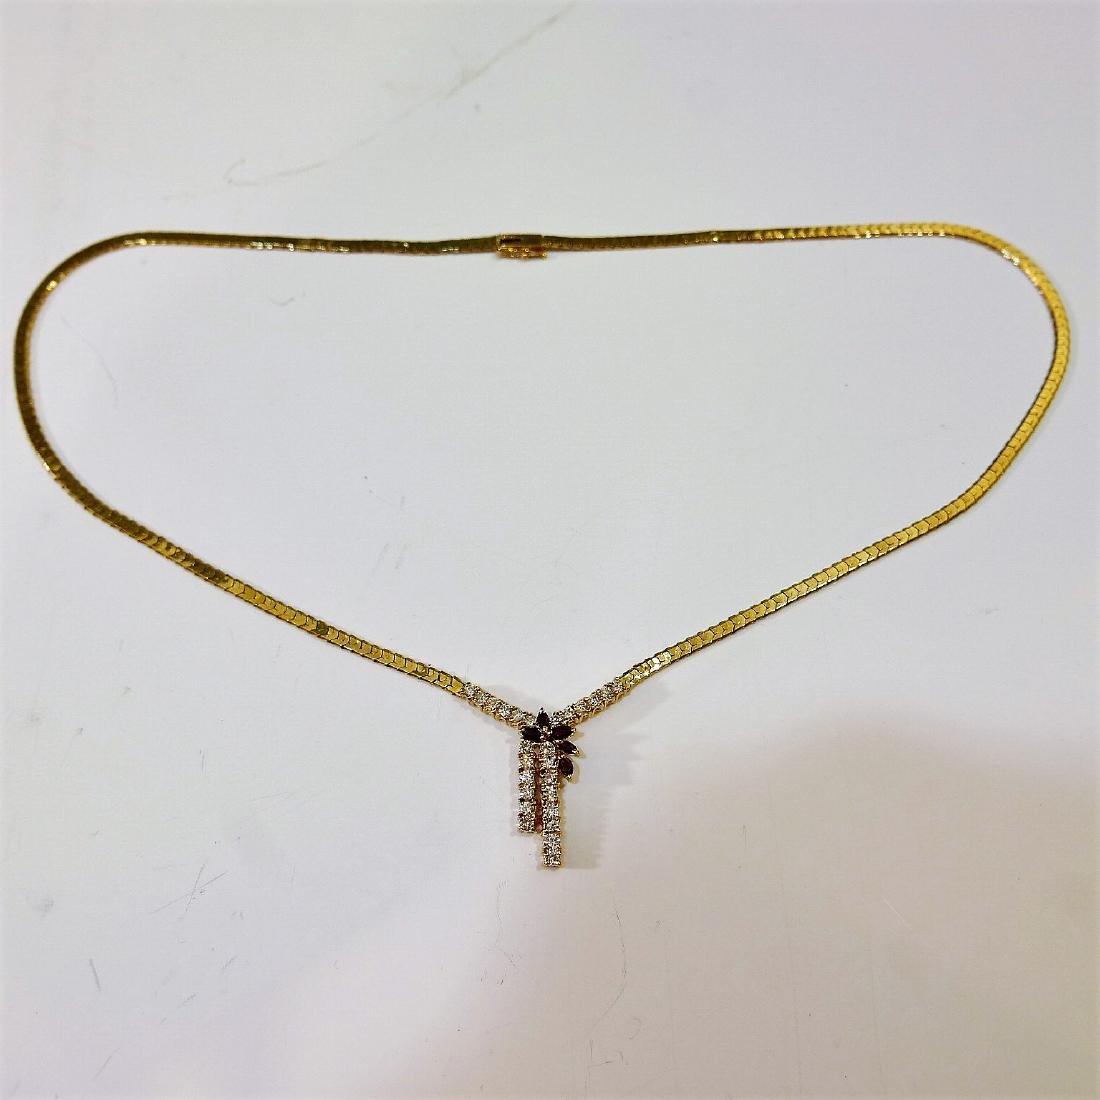 14K GOLD DIAMOND NECKLACE 15G - 2